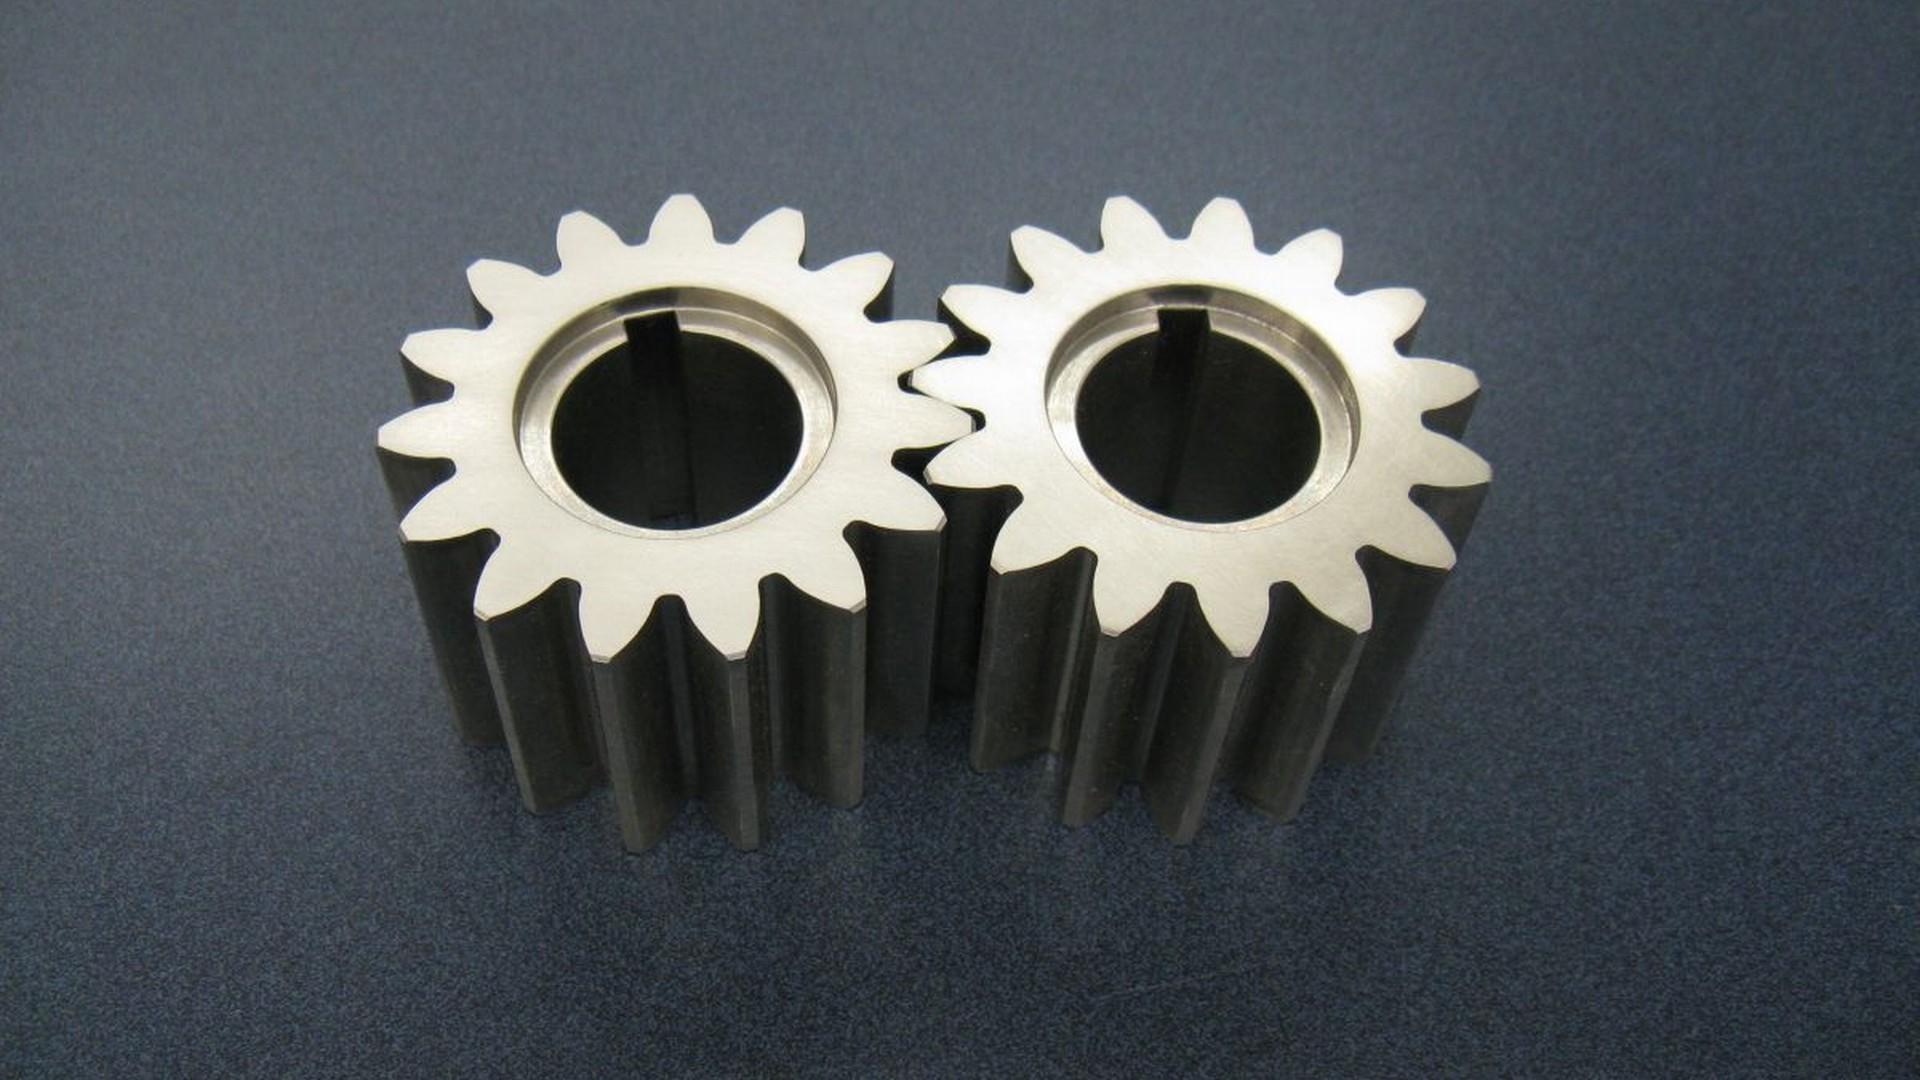 Engranajes en 3D - 1920x1080